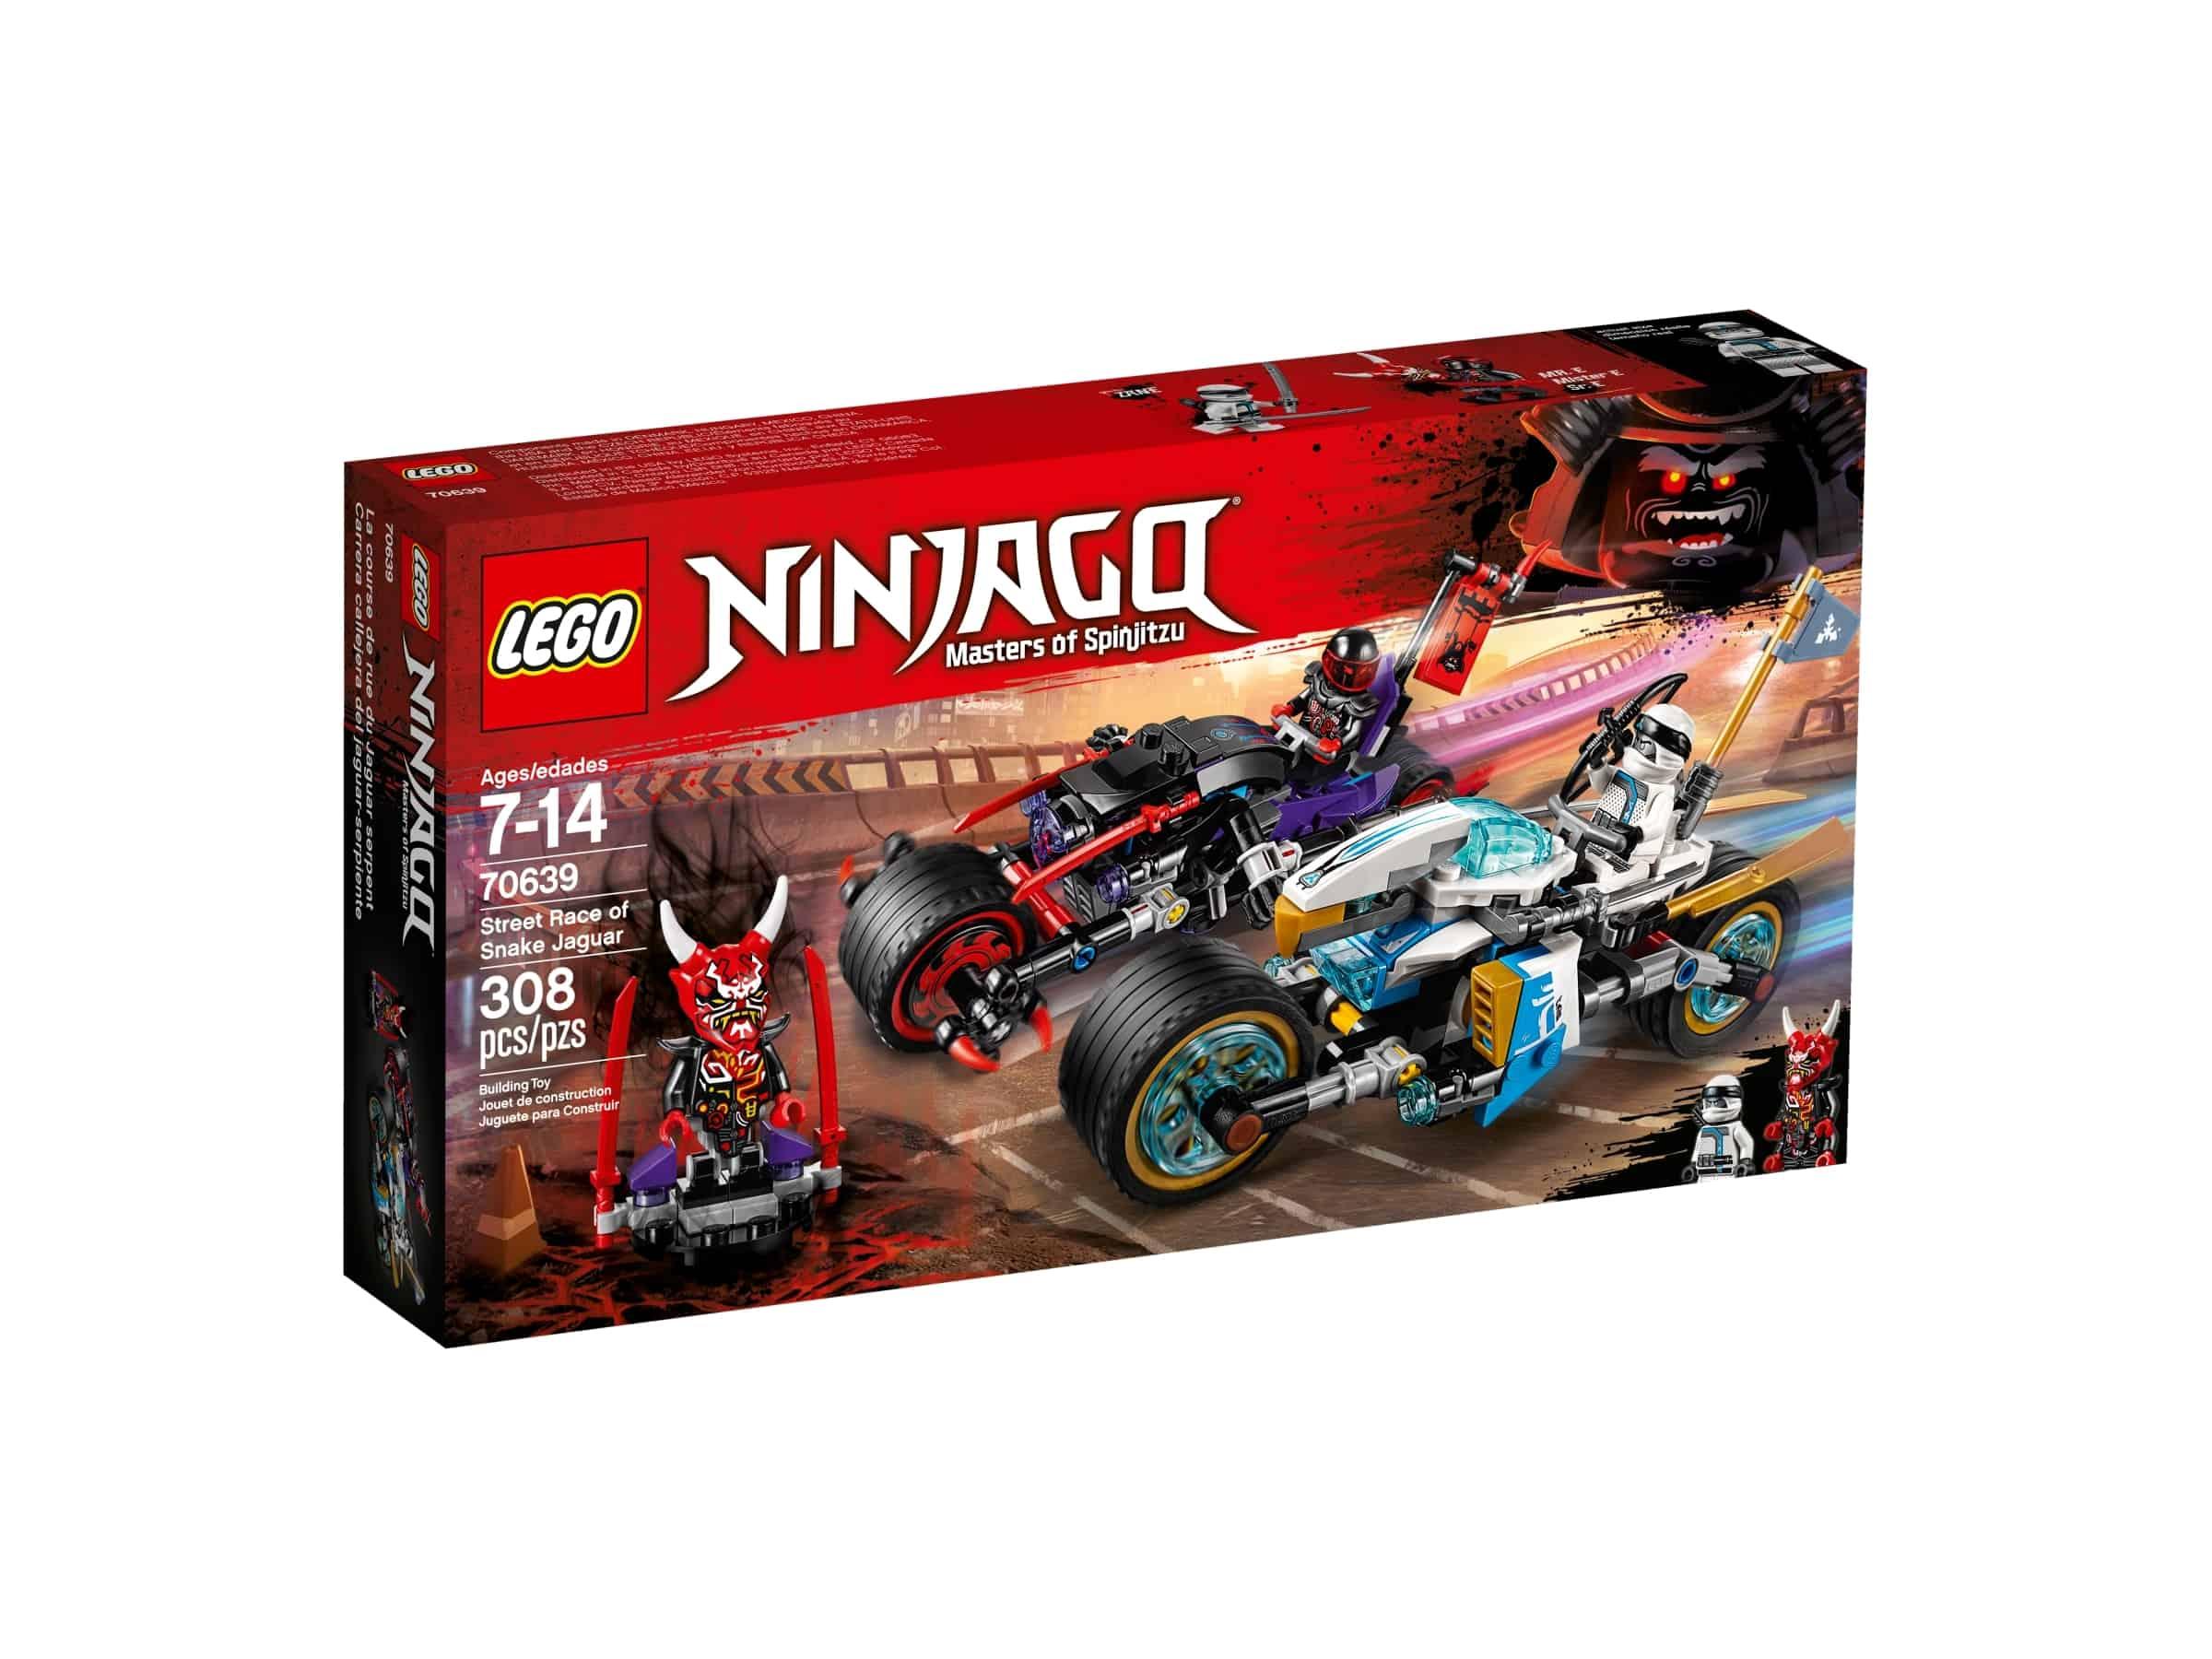 lego 70639 gatelop med snake jaguar